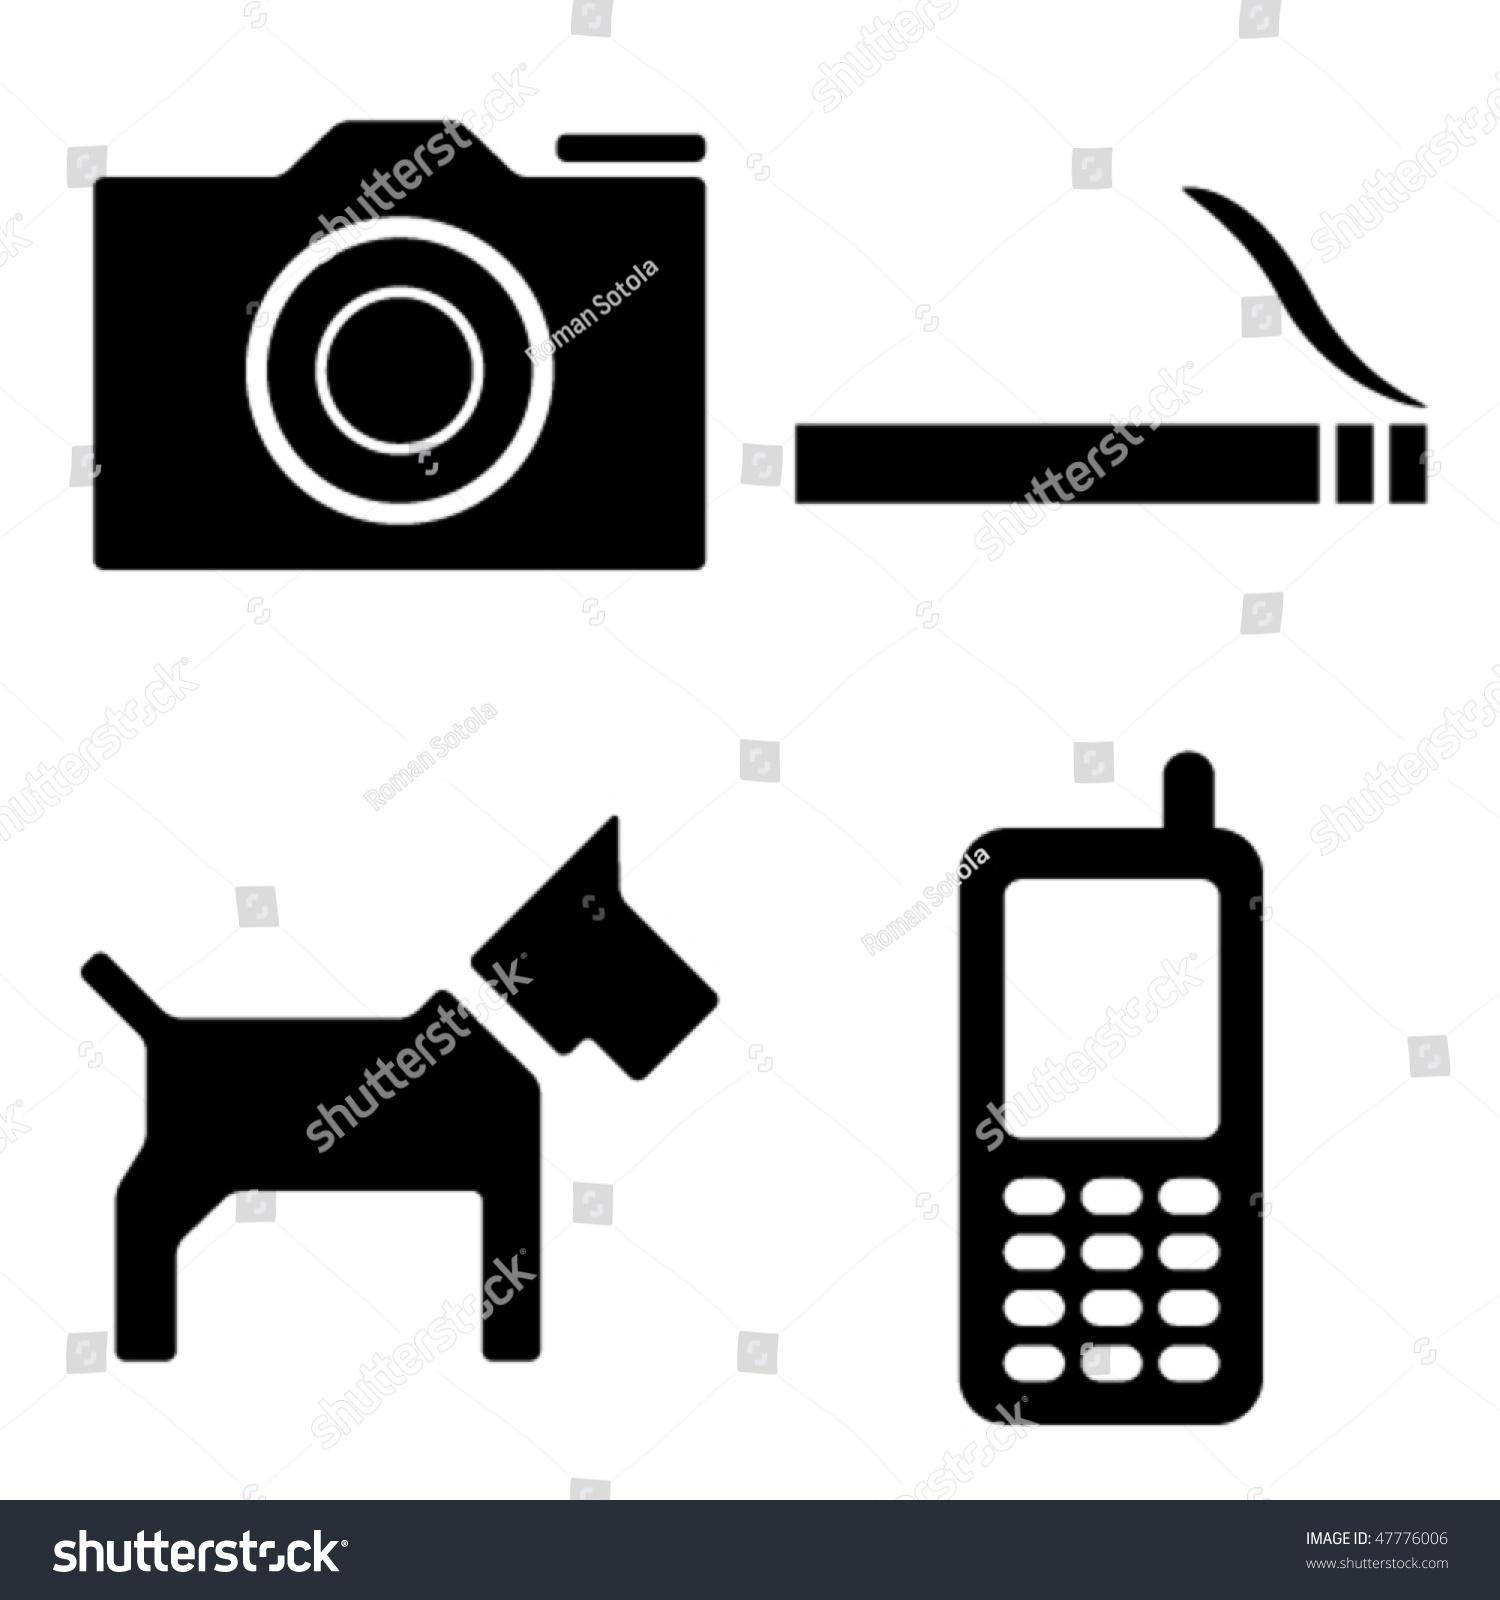 矢量相机的香烟狗手机图标-插图/剪贴图,符号/标志-()